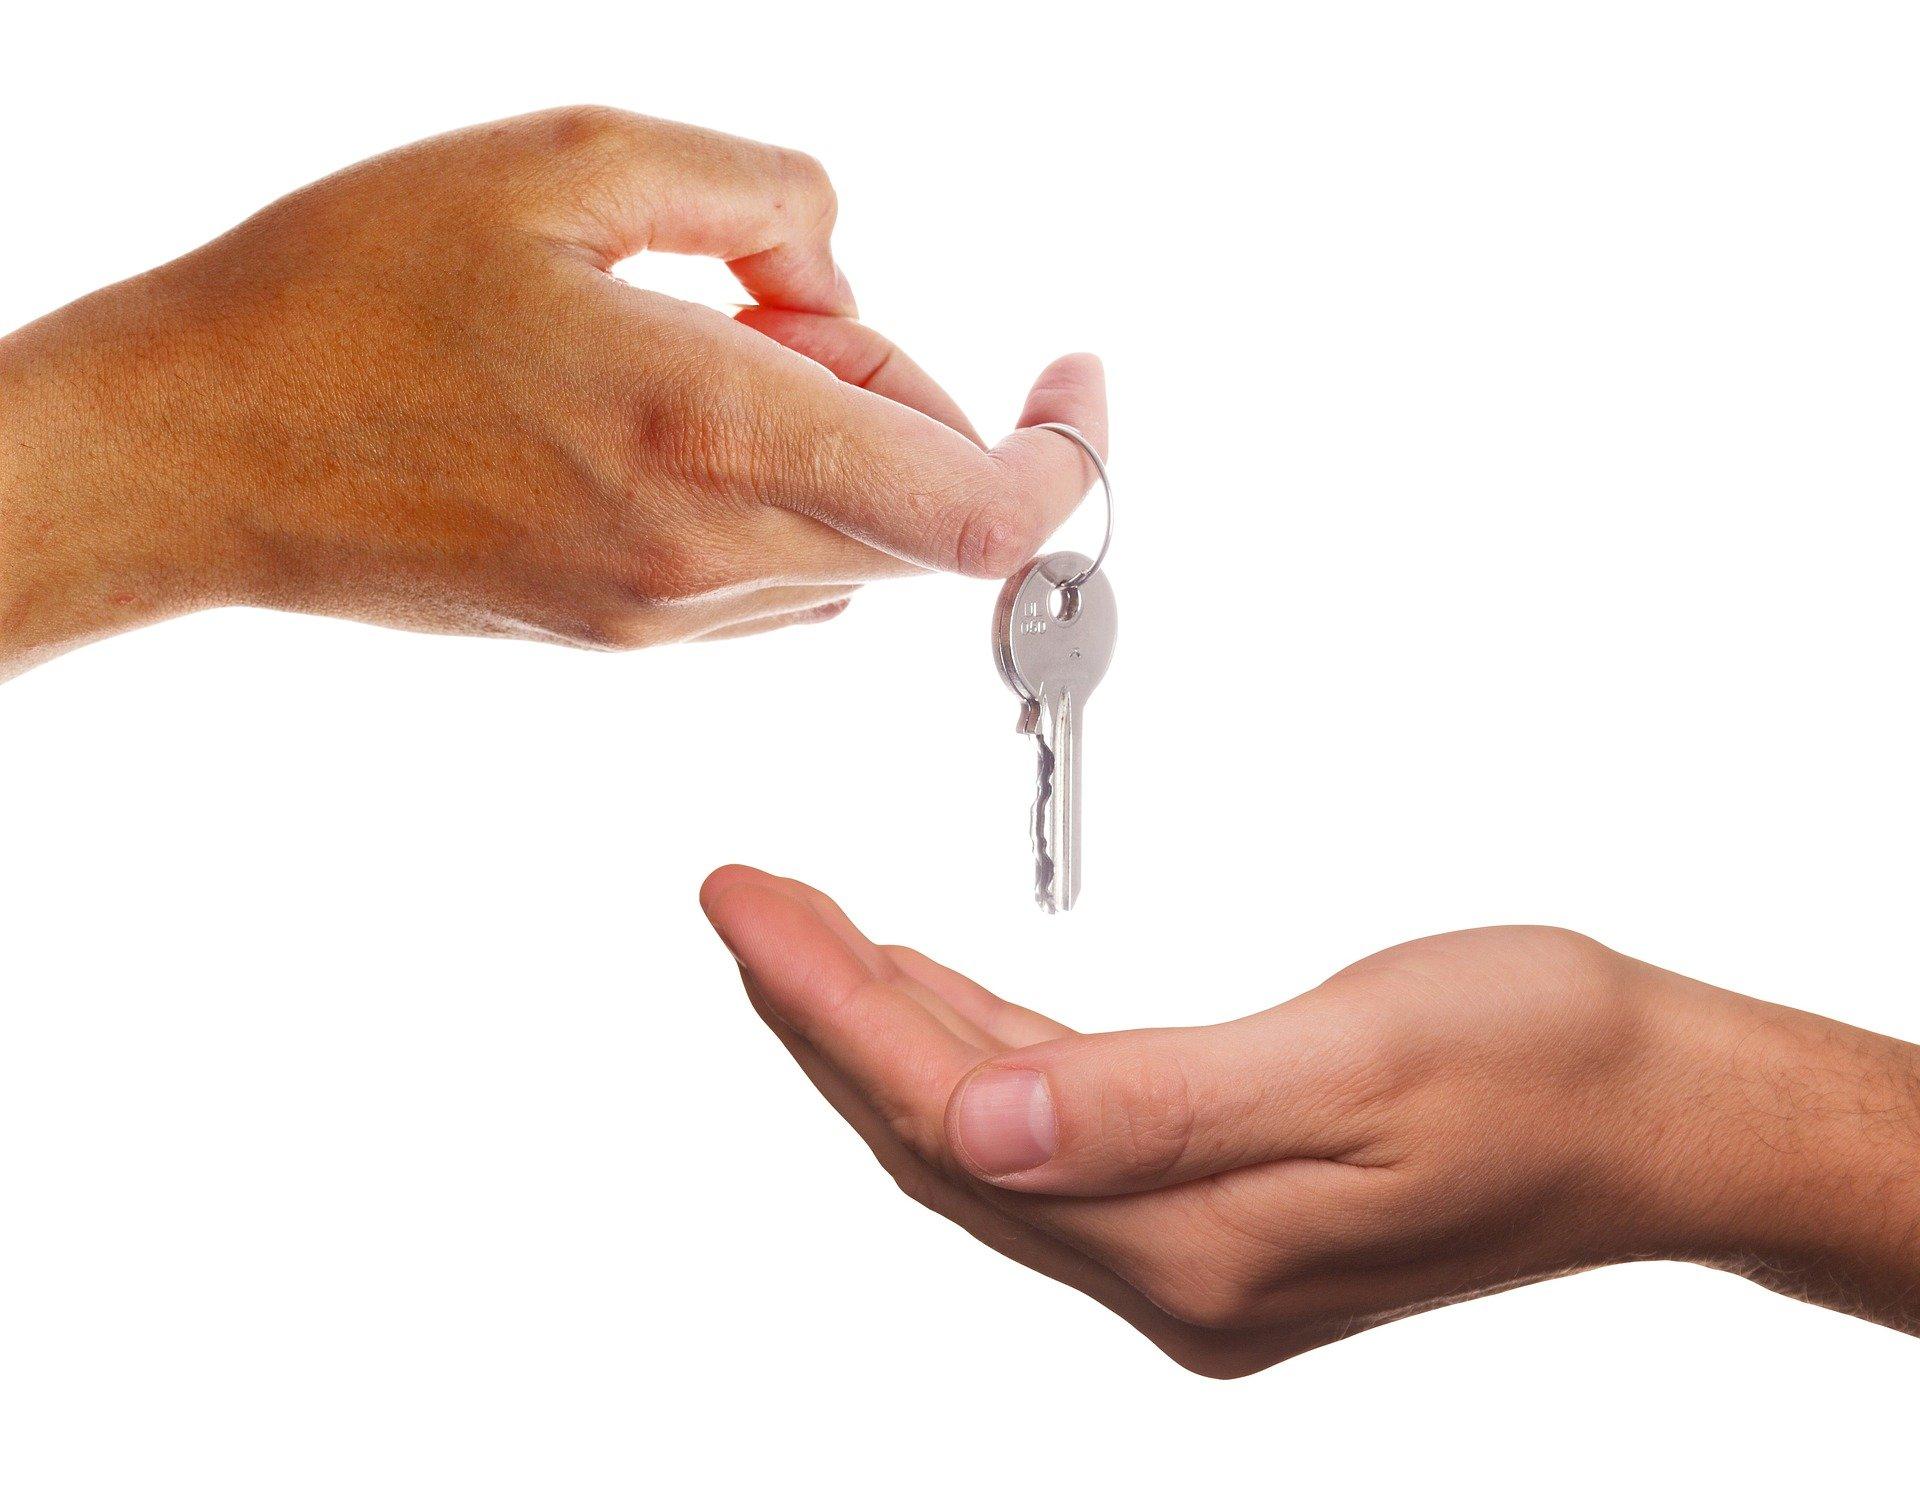 Gemeinsame Wohnung bei Trennung und Scheidung